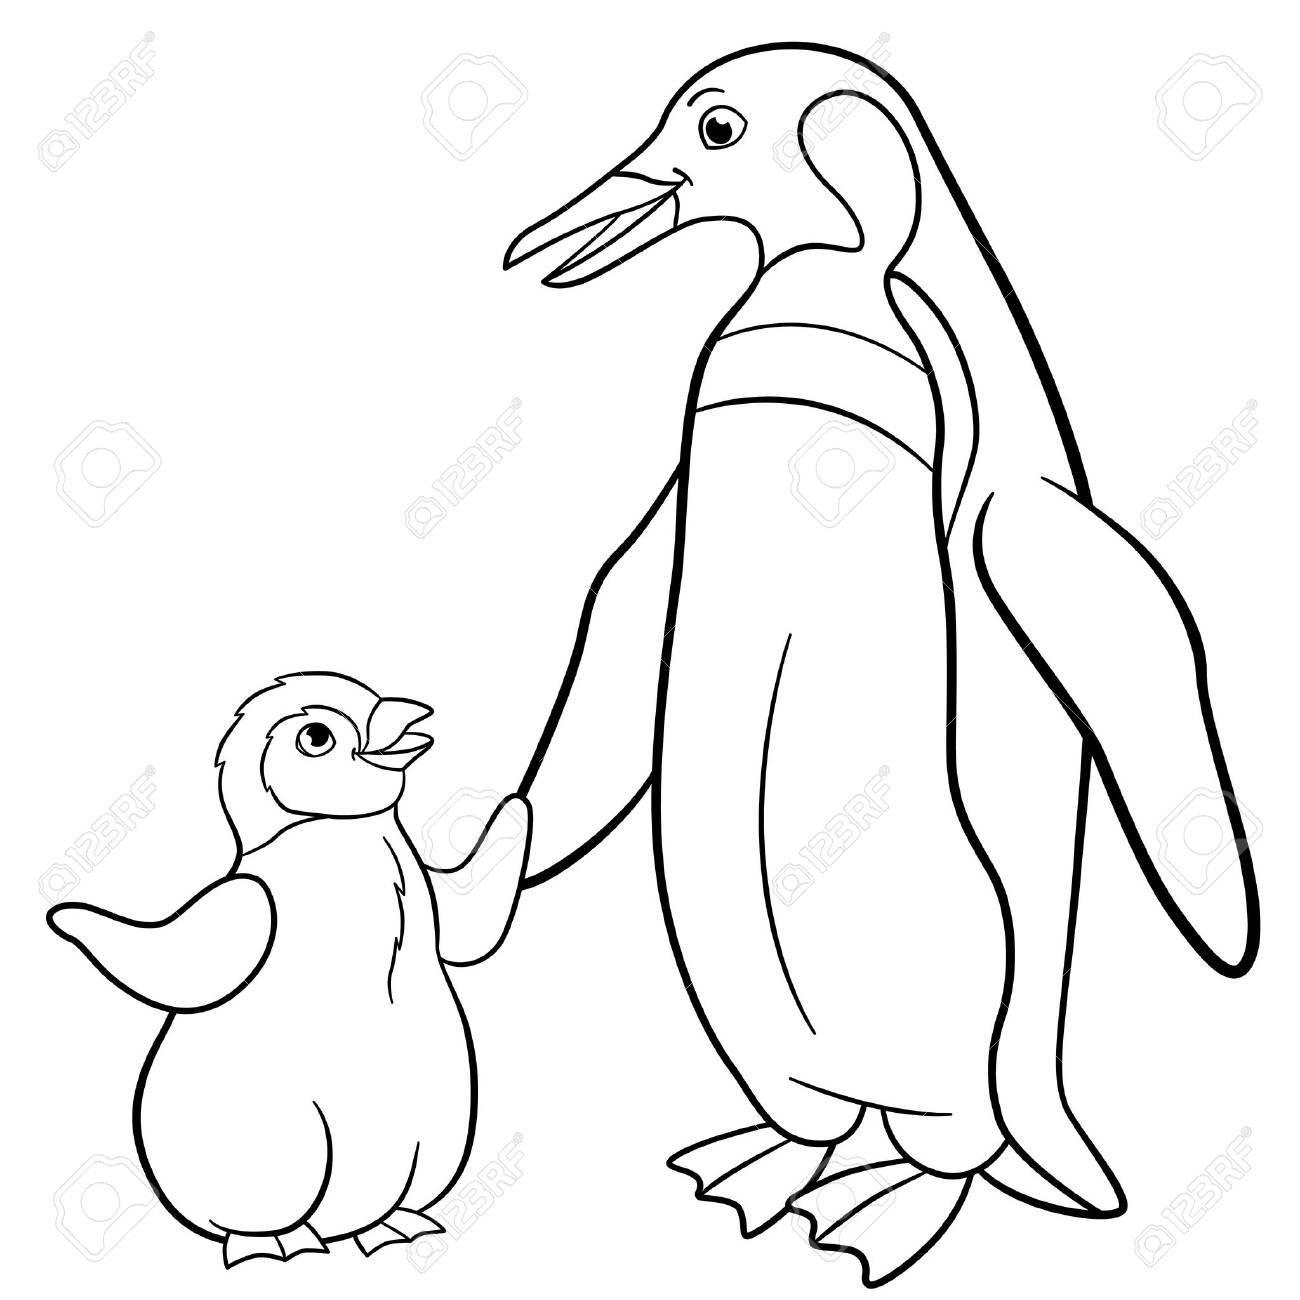 Kleurplaten Dieren Pinguin.Kleurplaten Moeder Pinguin Met Haar Kleine Schattige Baby Royalty